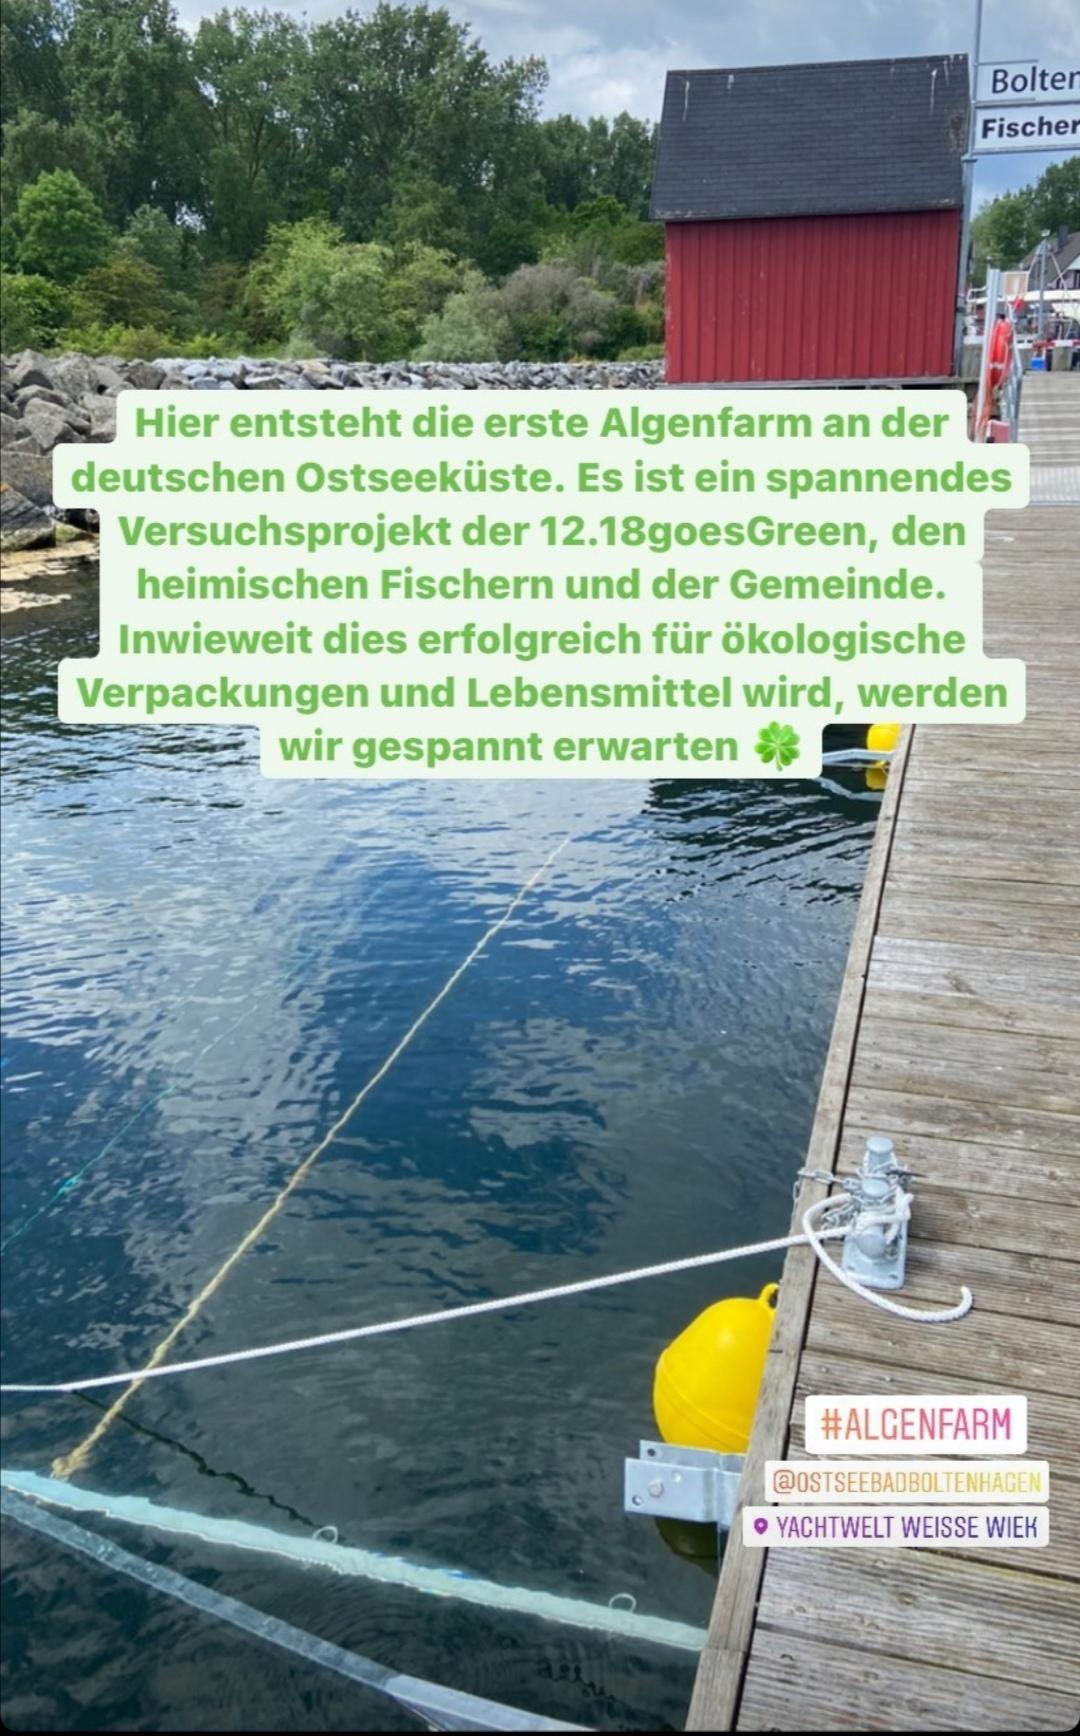 Erste Algenfarm an der deutschen Ostseeküste entsteht im Ostseebad Boltenhagen.